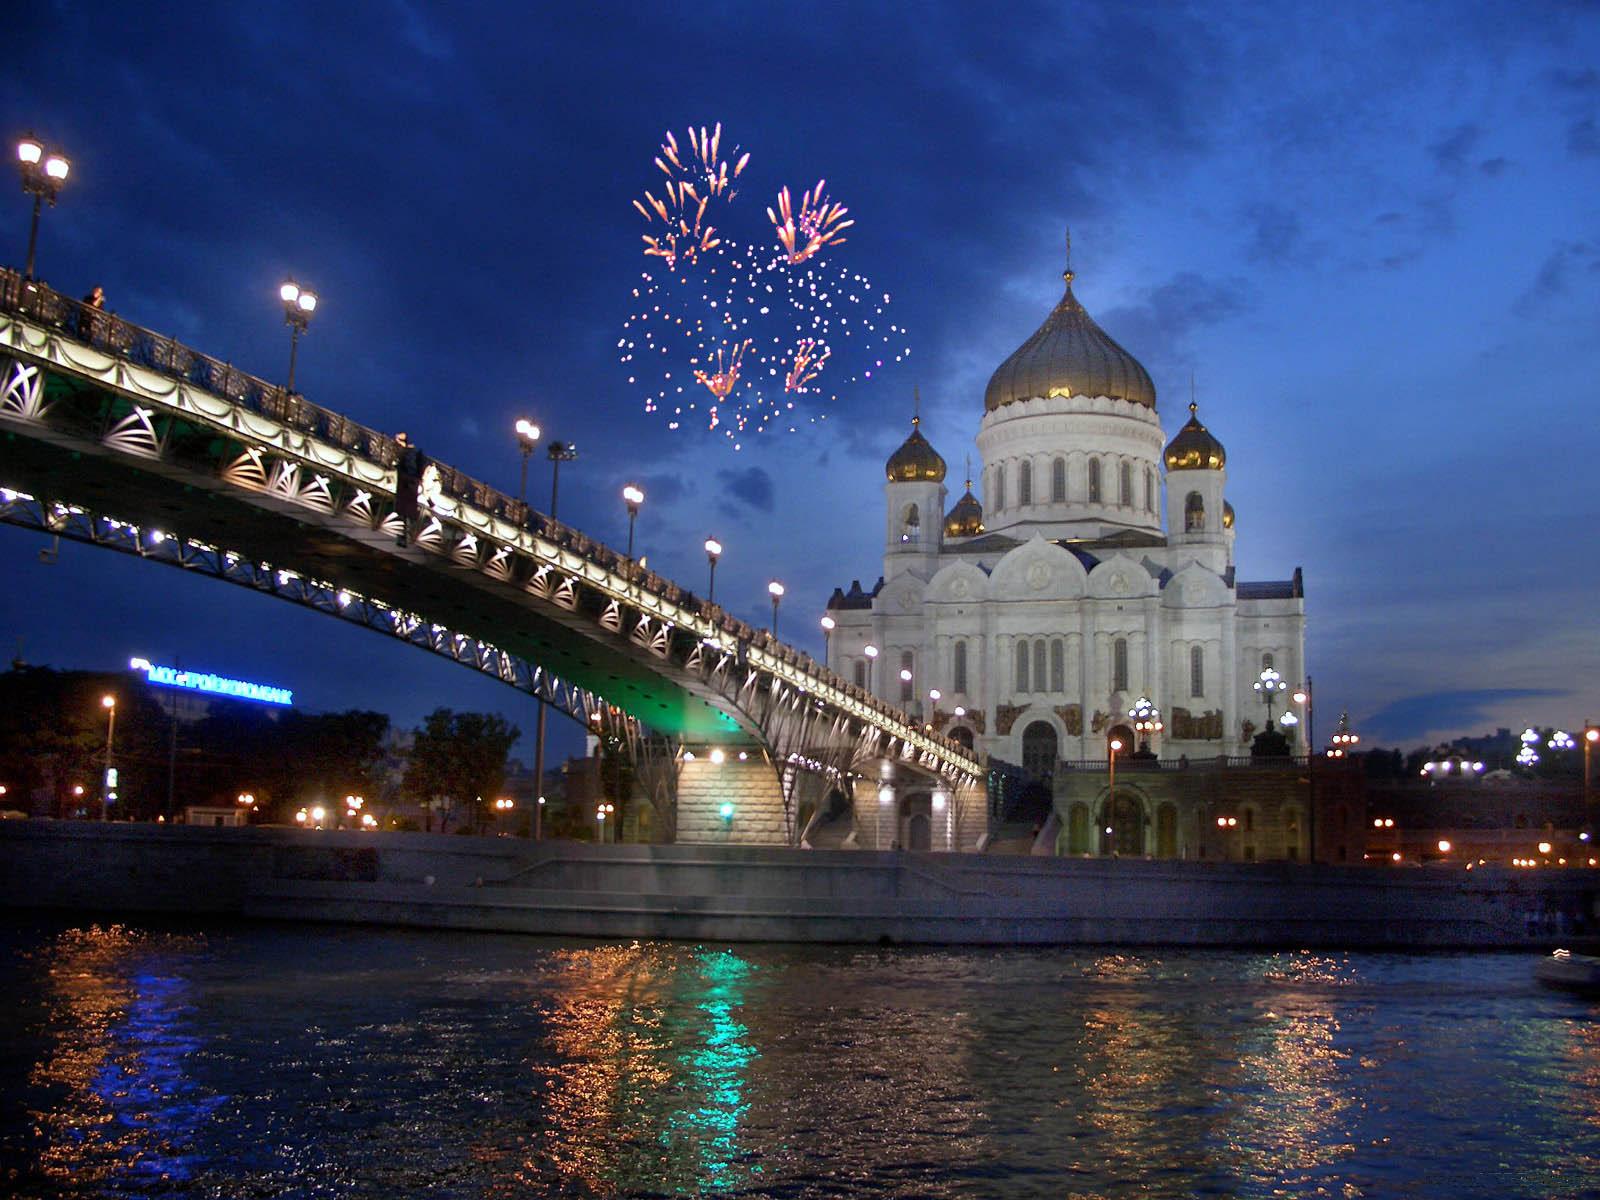 Храм Христа Спасителя, мост, салют.  Нажмите на картинку с городами и странами...